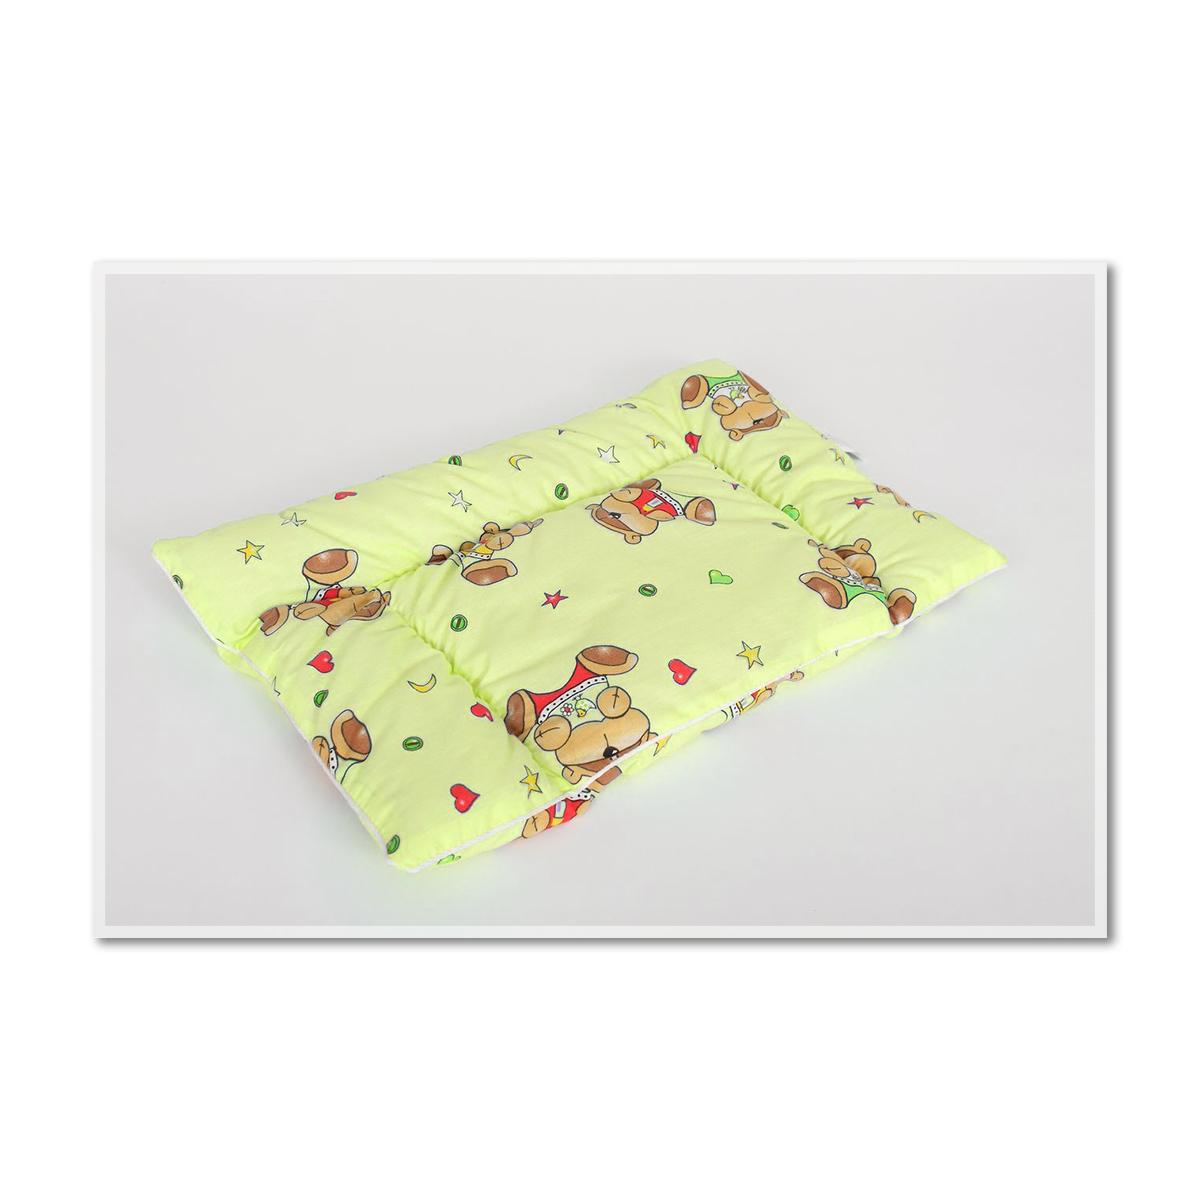 Детская подушка Малыш, размер 40х60 смДля беременных и новорожденных<br>Чехол: Стеганый, с кантом<br><br>Тип: Подушка<br>Размер: 40х60<br>Материал: Бамбук